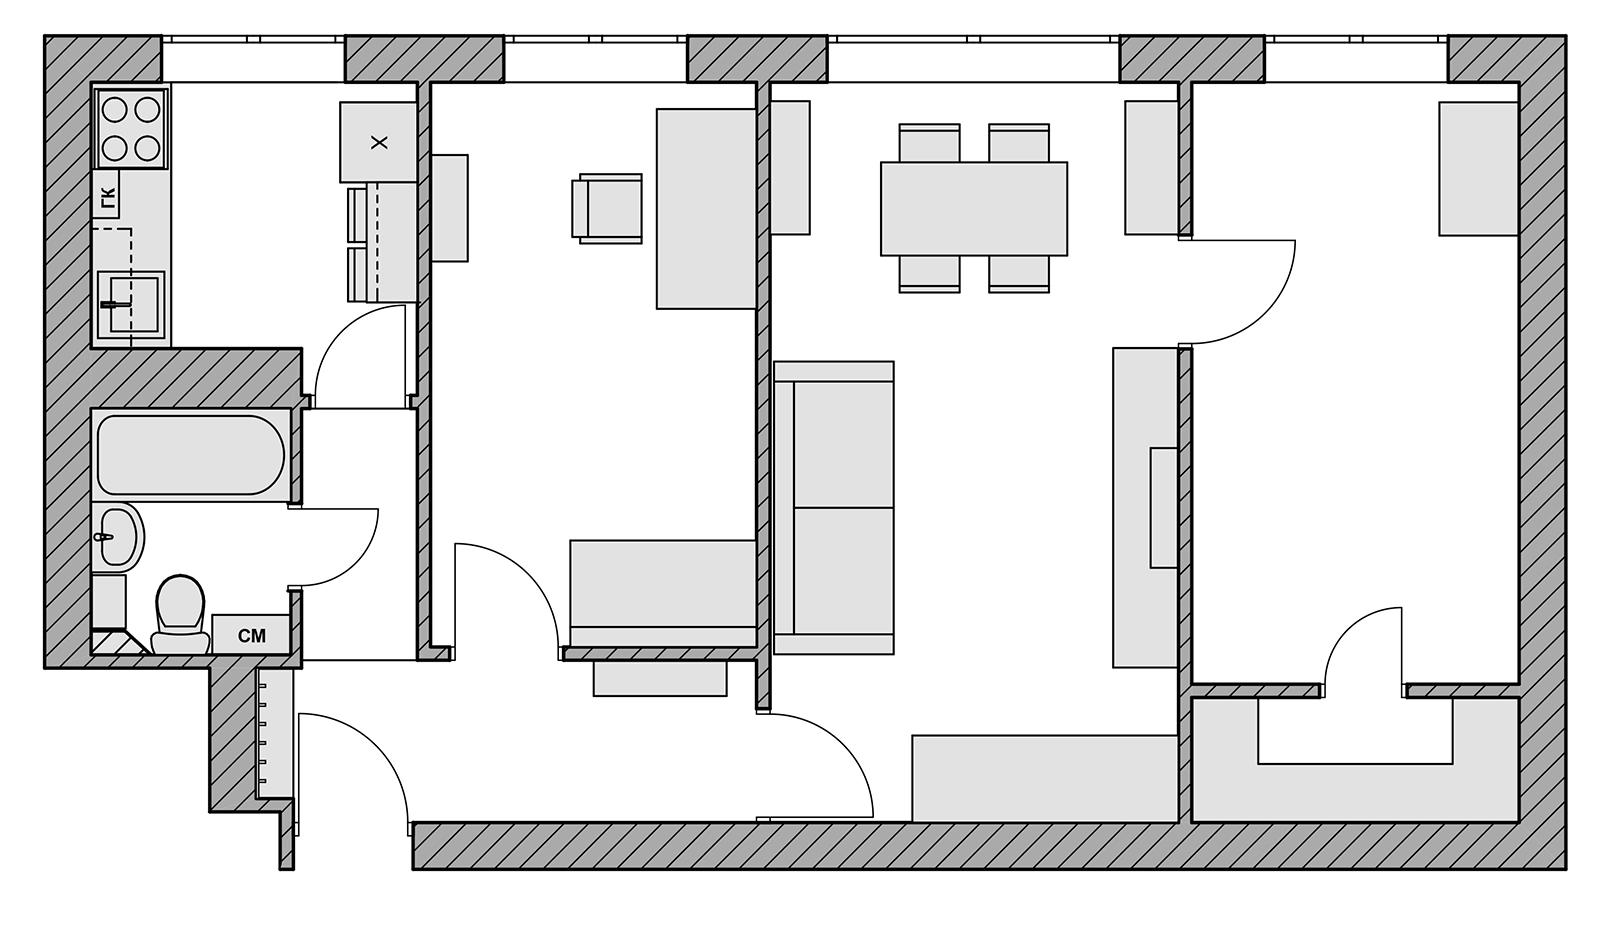 Перепланировка 2-х комнатной хрущёвки – 15 вариантов